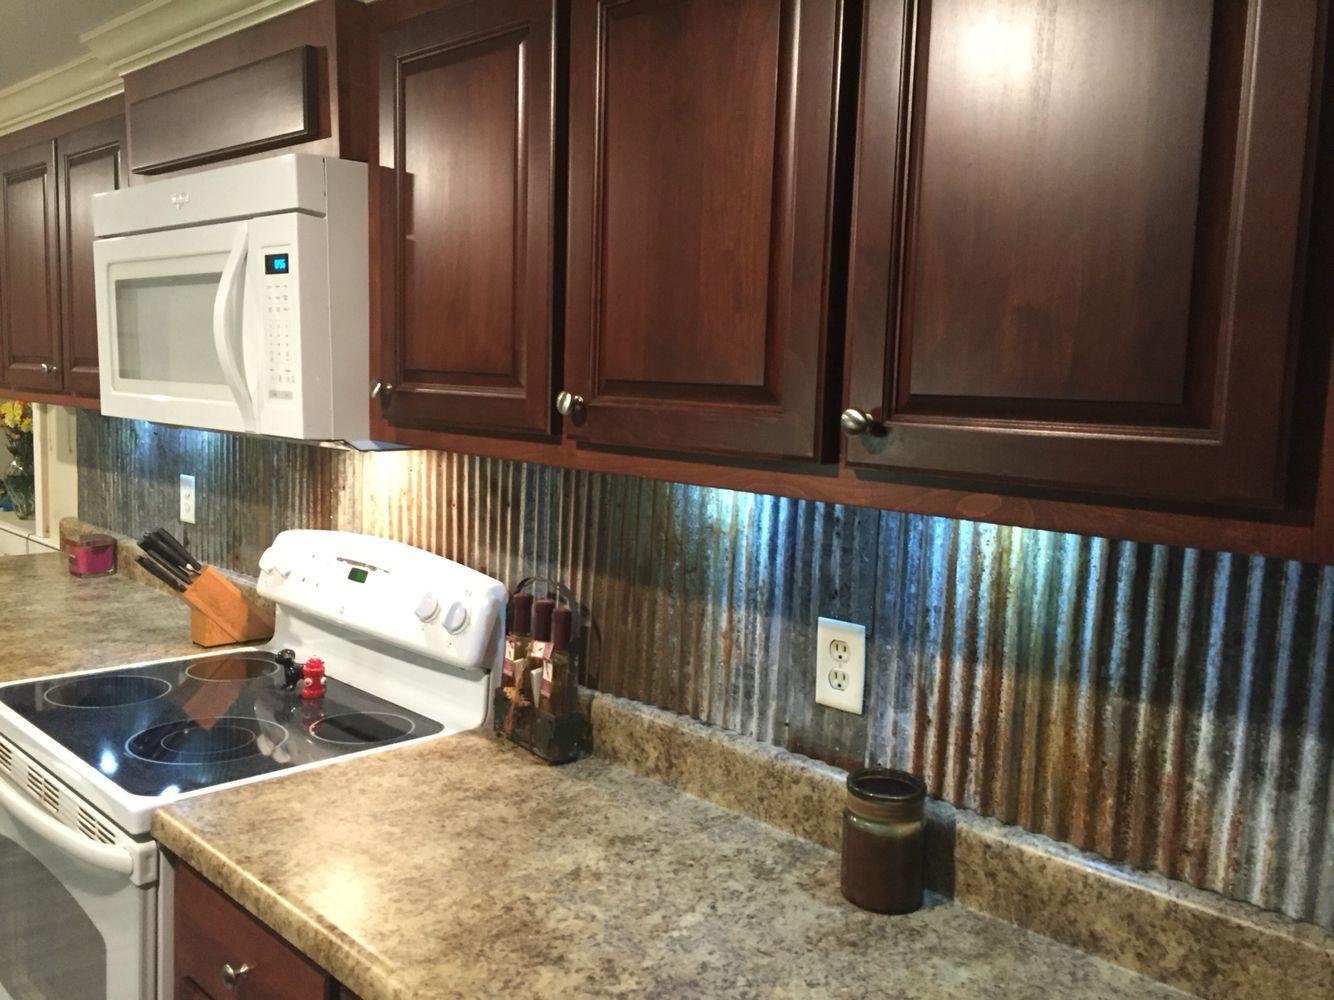 Corrugated Metal Backsplash Metal Backsplash Kitchen Metallic Backsplash Diy Outdoor Kitchen